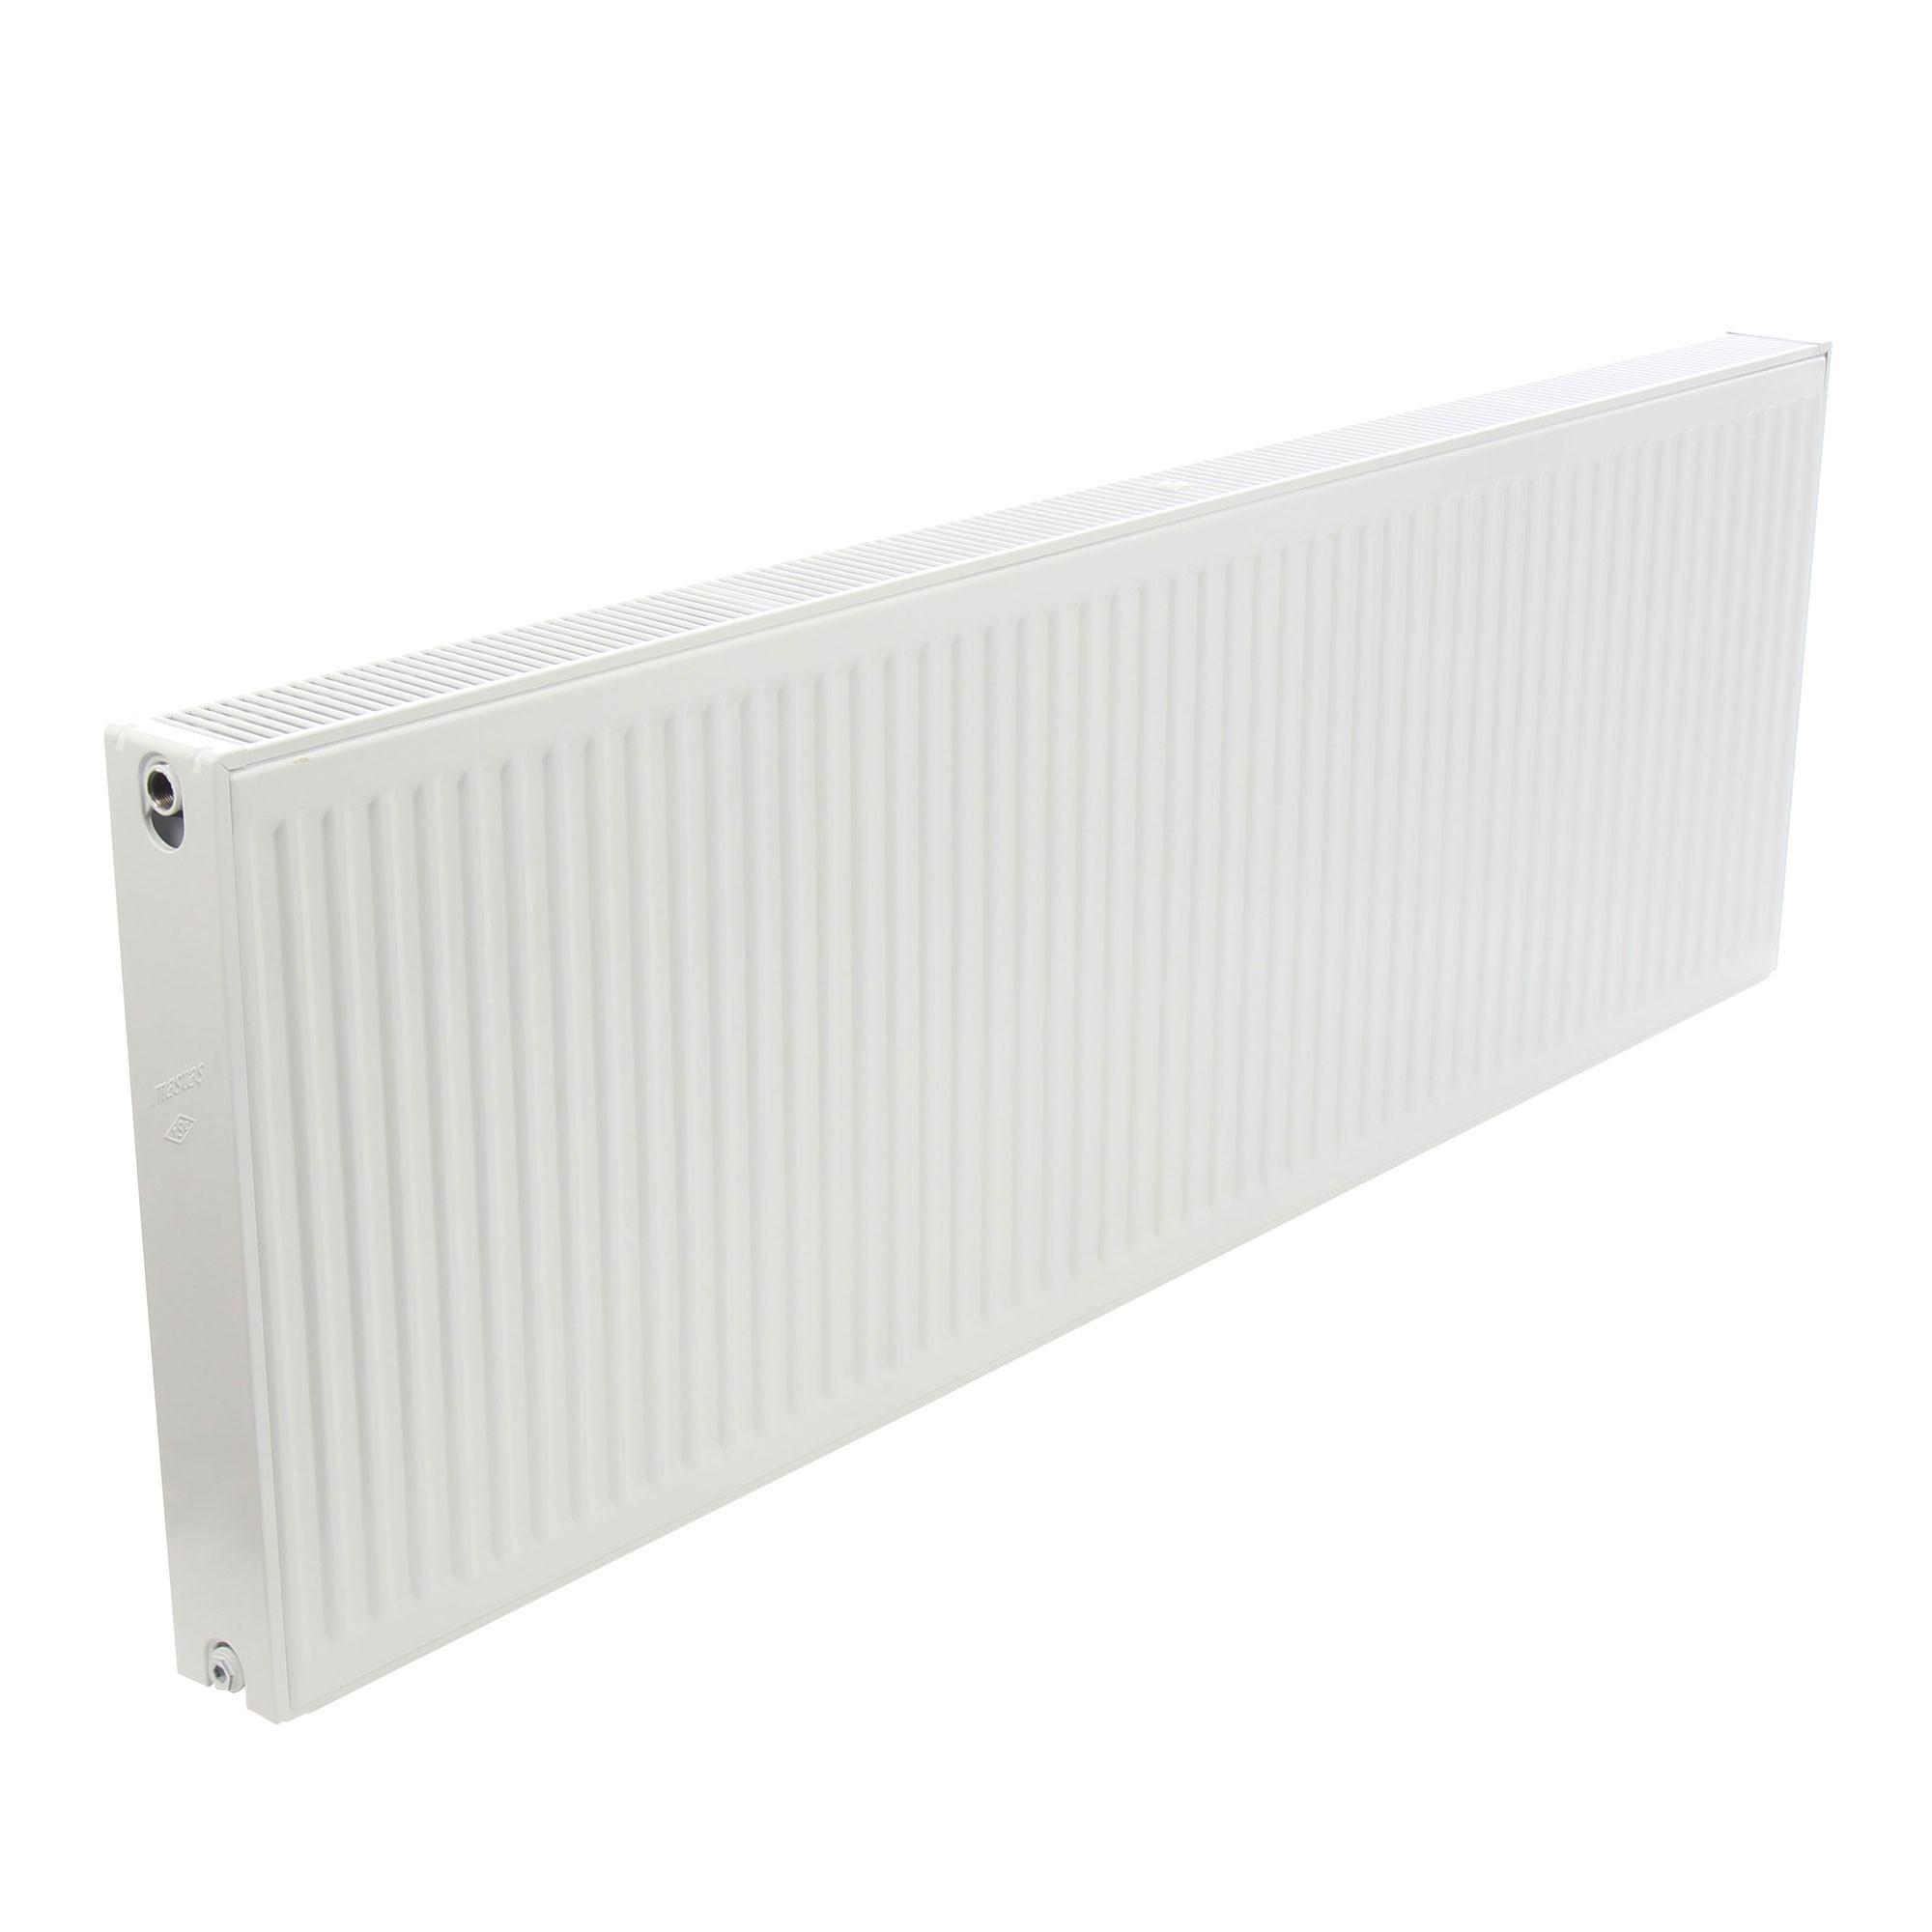 Radiator (calorifer) otel VIGO 22, 600 x 1800 mm, accesorii incluse fornello imagine